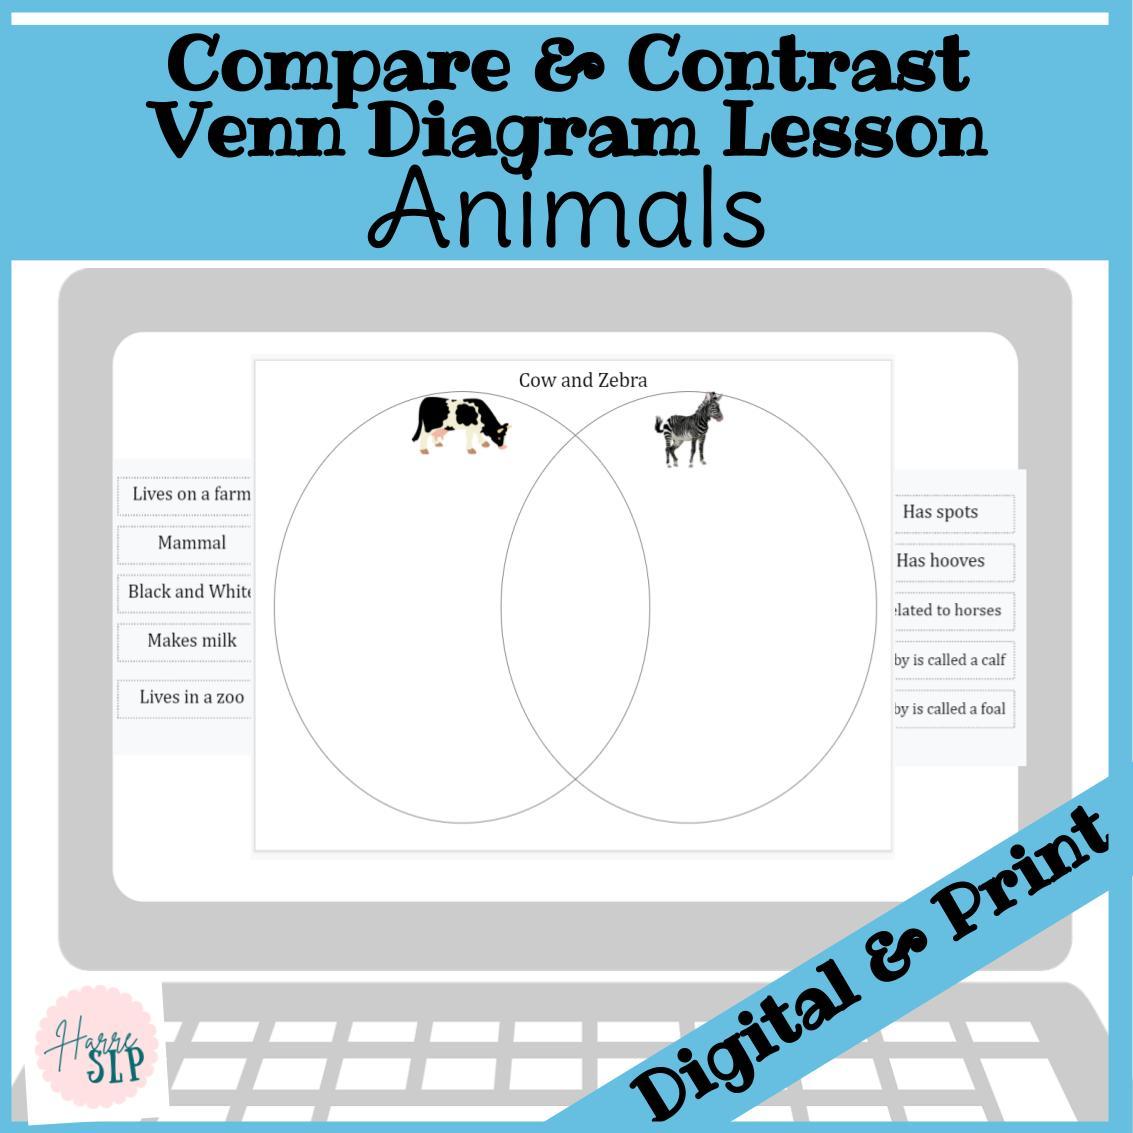 Venn Diagram Compare and Contrast Animals Lesson